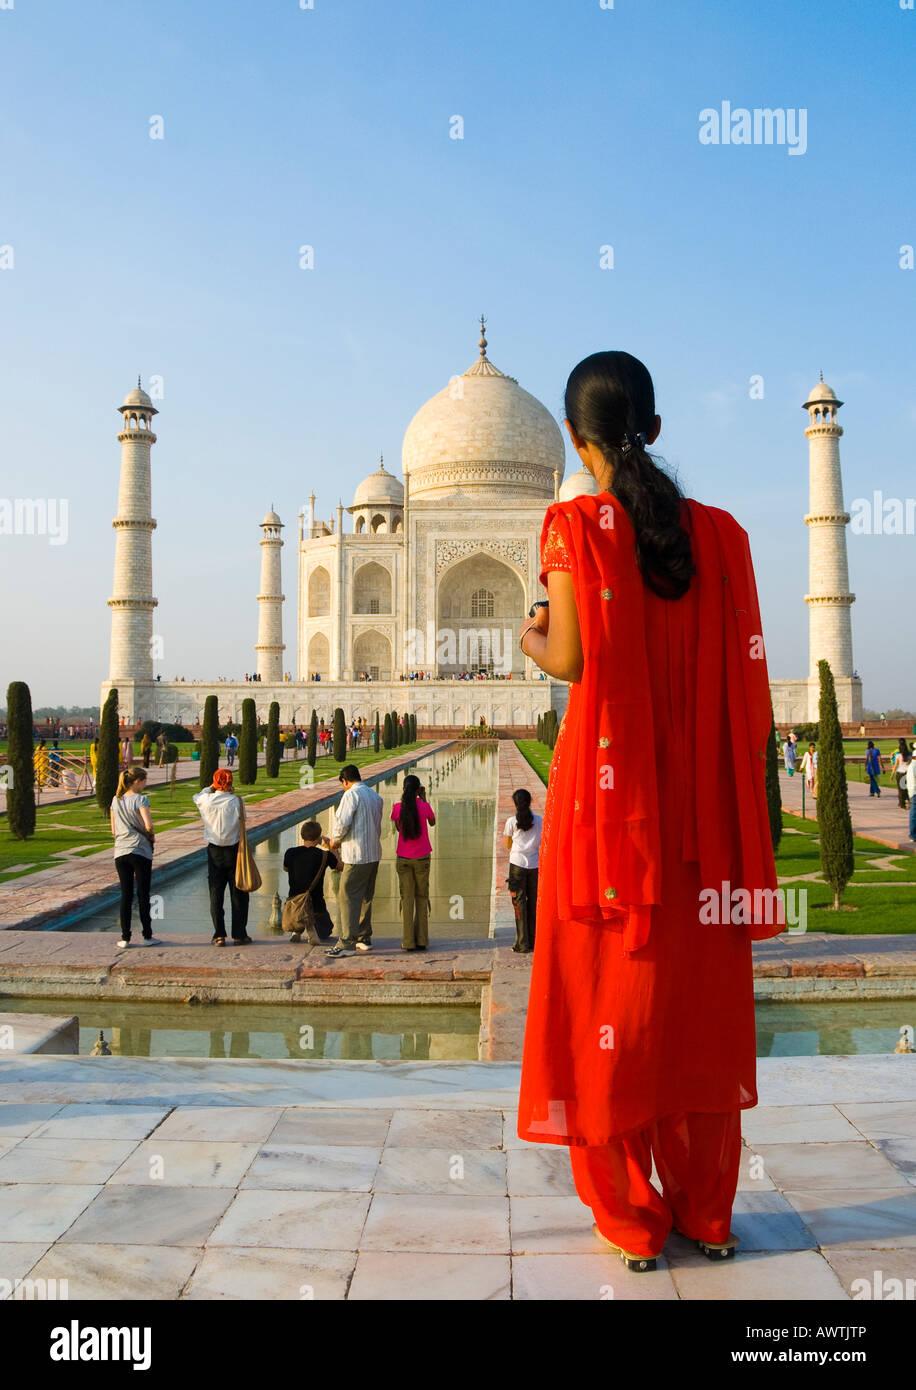 Una donna in un sari rosso davanti al Taj Mahal in Agra India Immagini Stock